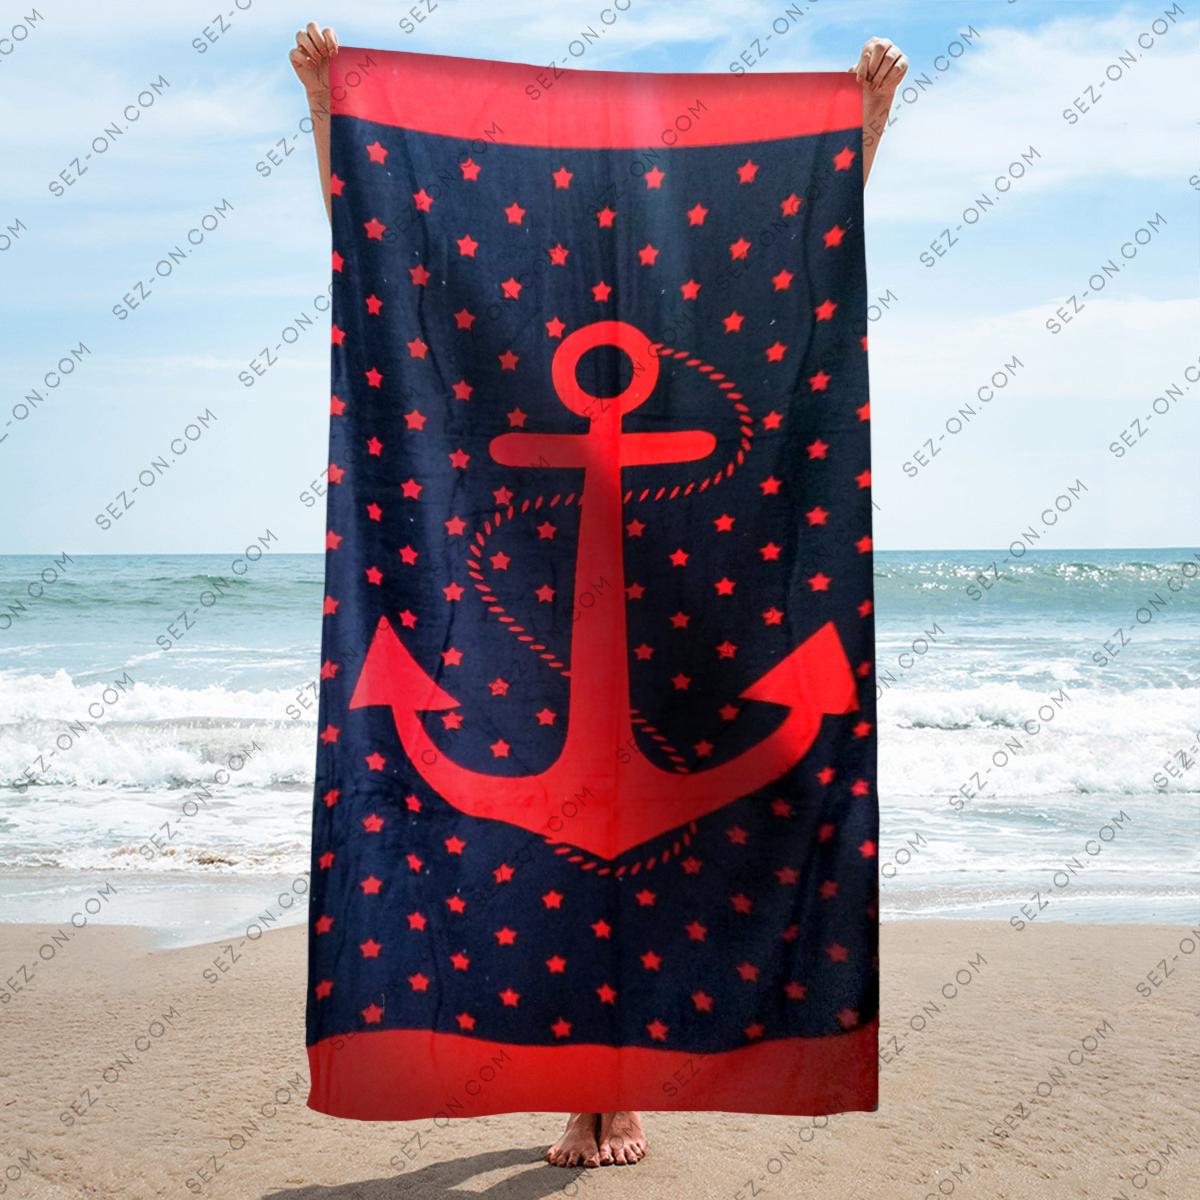 Полотенце пляжное синее с красным якорем и звездами 150*75 см банное Турция